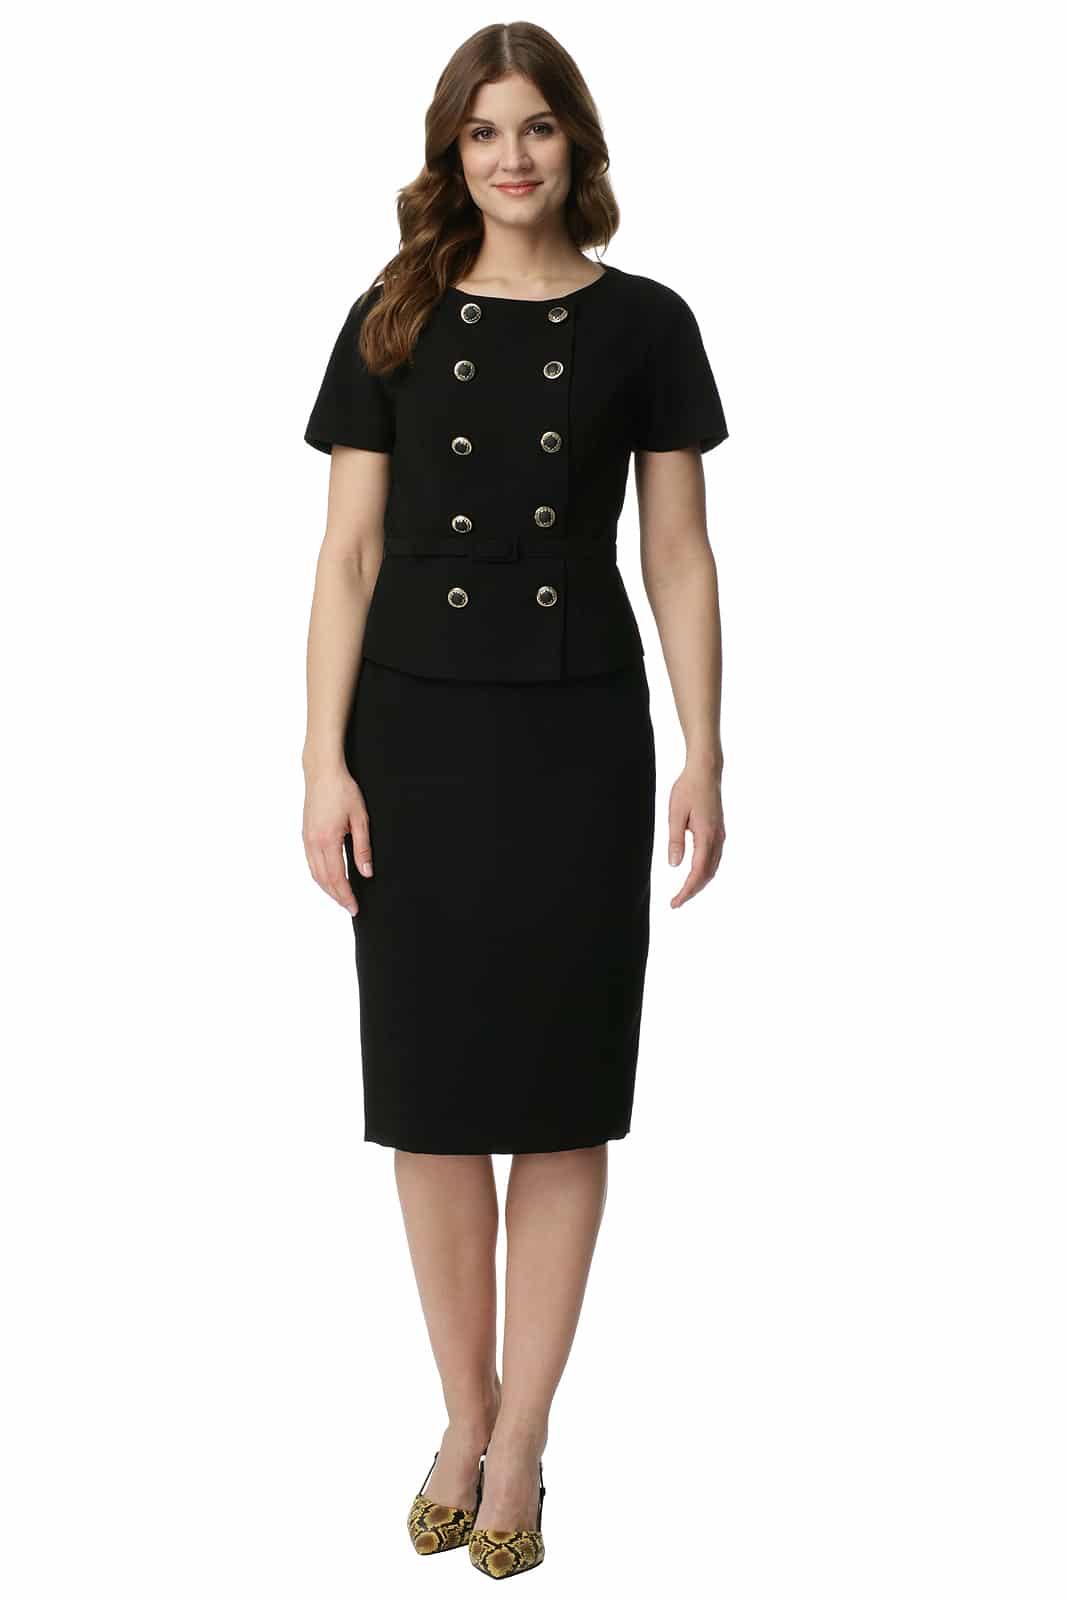 0f6b6da3c19ad6 Komplet z prostą spódnicą w kolorze czarnym Magda - Modesta - ponad ...